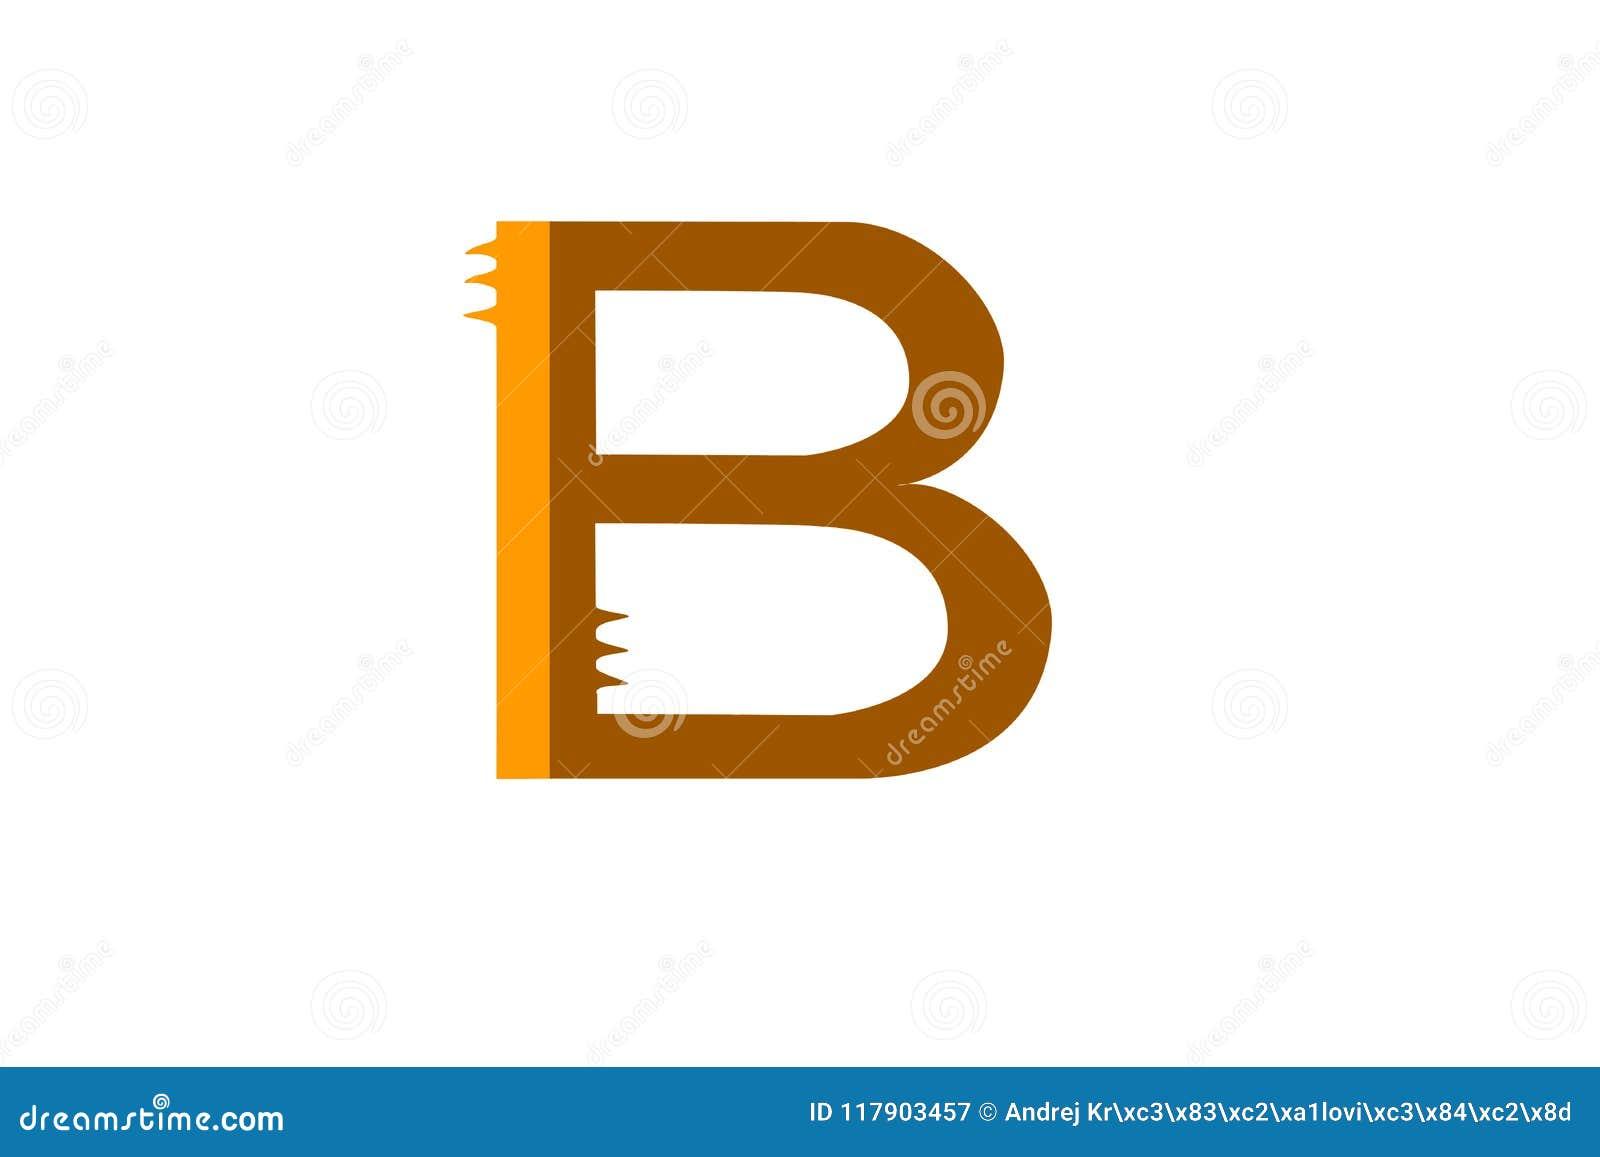 Letter Of Alphabet B Cog Design On White Backdrop Stock Vector